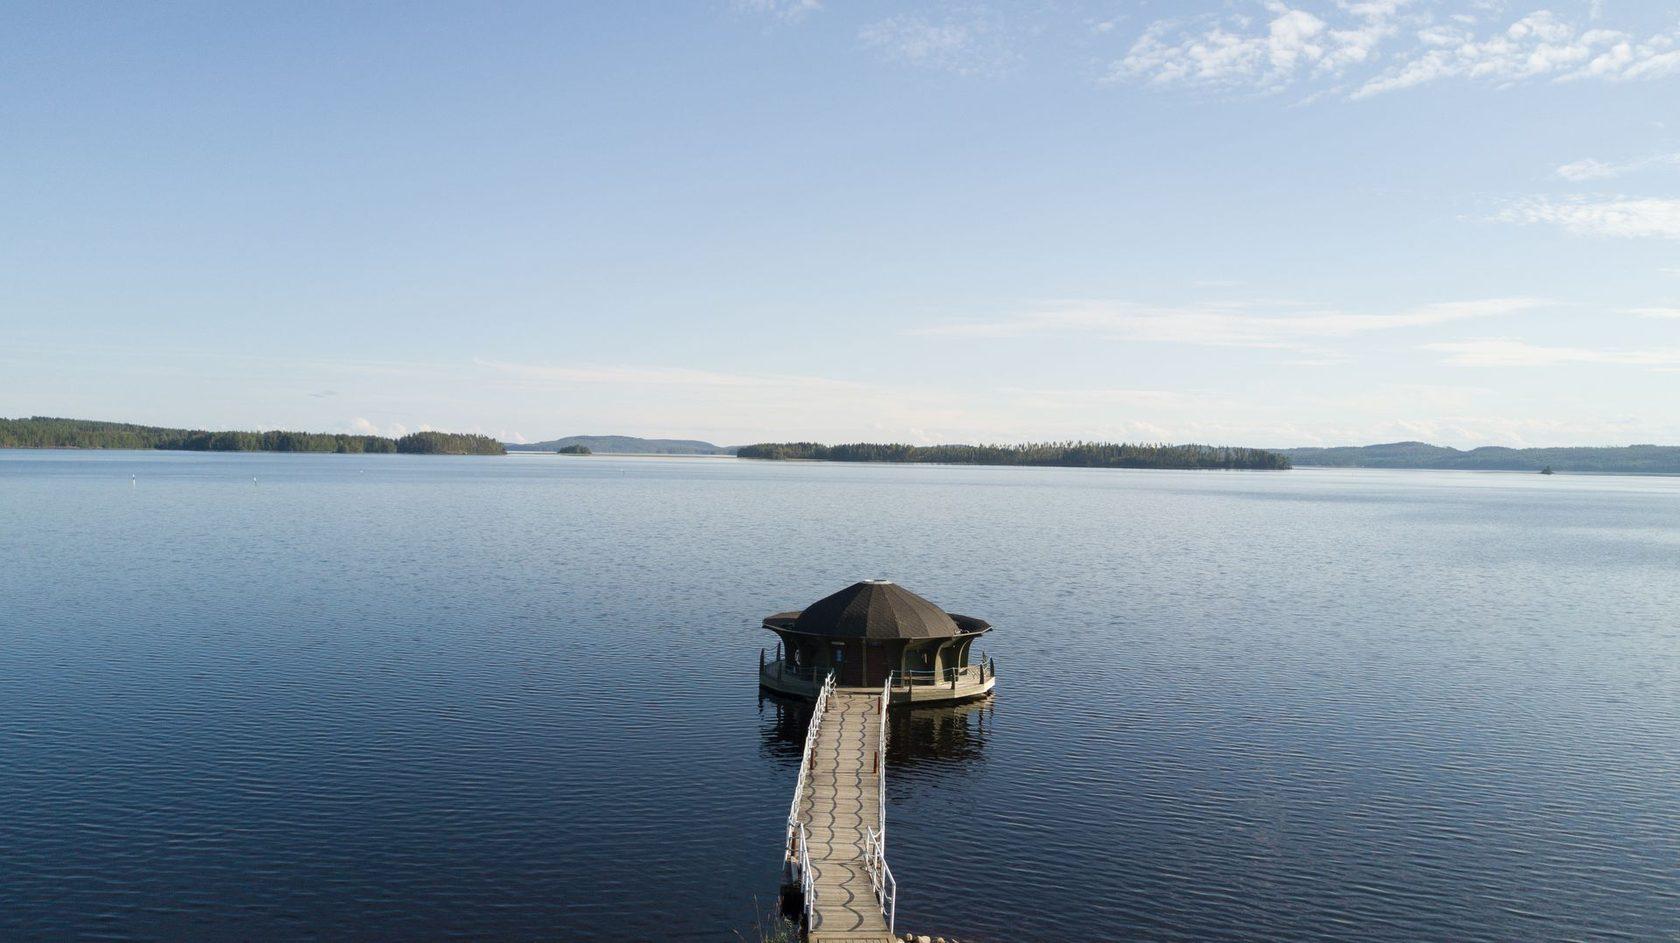 финская Северная Карелия, Укко-Коли, река Лиексайоки, Йоэнсуу, отдых в Финляндии, Северная Карелия Финляндия, visitkarelia.fi, Break Sokos Hotel